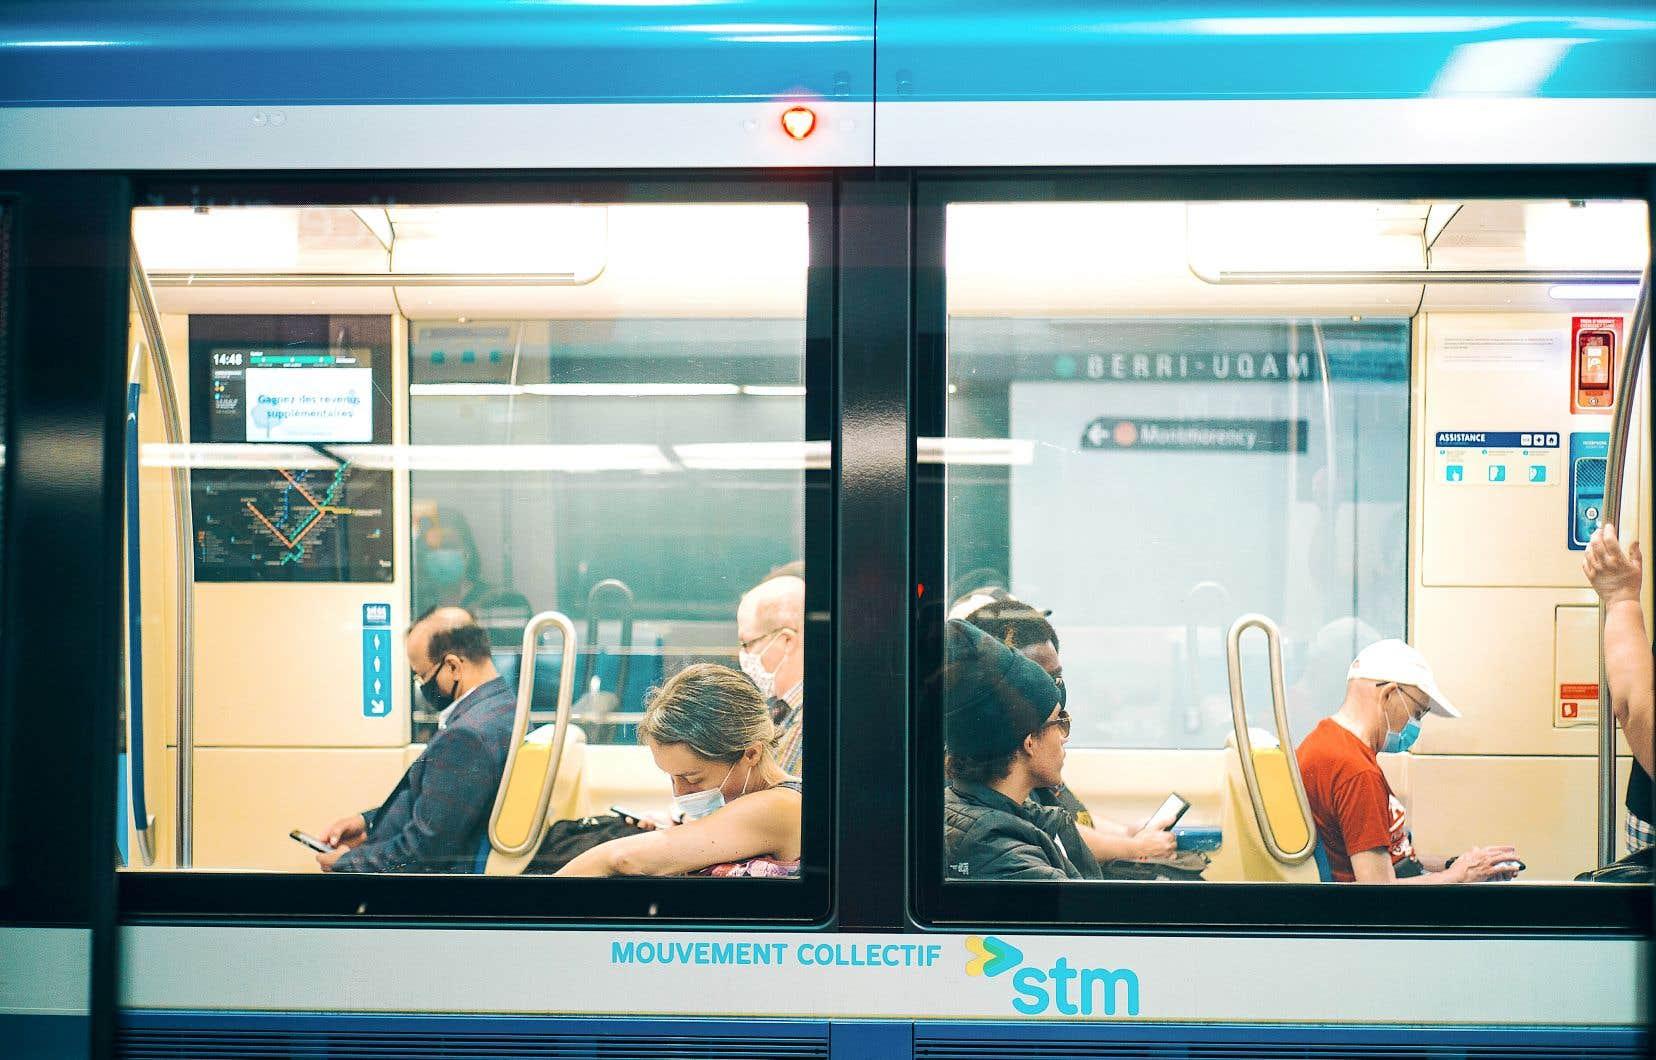 Quand elle sera en vigueur en 2023, la gratuité tant pour les enfants que pour les aînés coûtera 40 millions de dollars, a précisé la mairesse de Montréal, Valérie Plante, mardi.